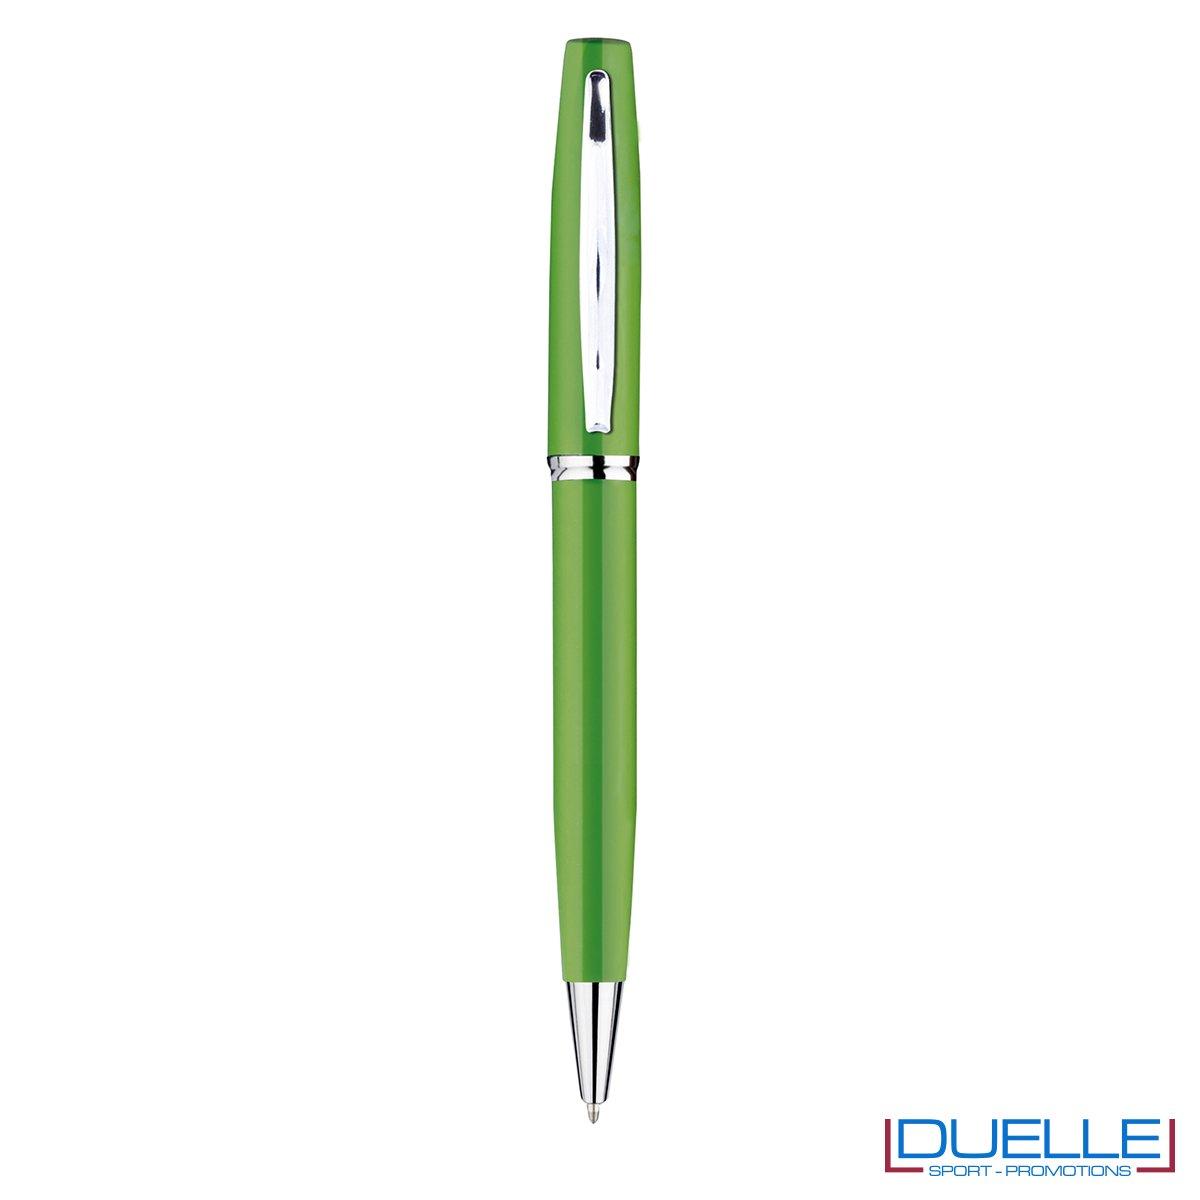 Penna a sfera in metallo personalizzata con incisione colore verde chairo